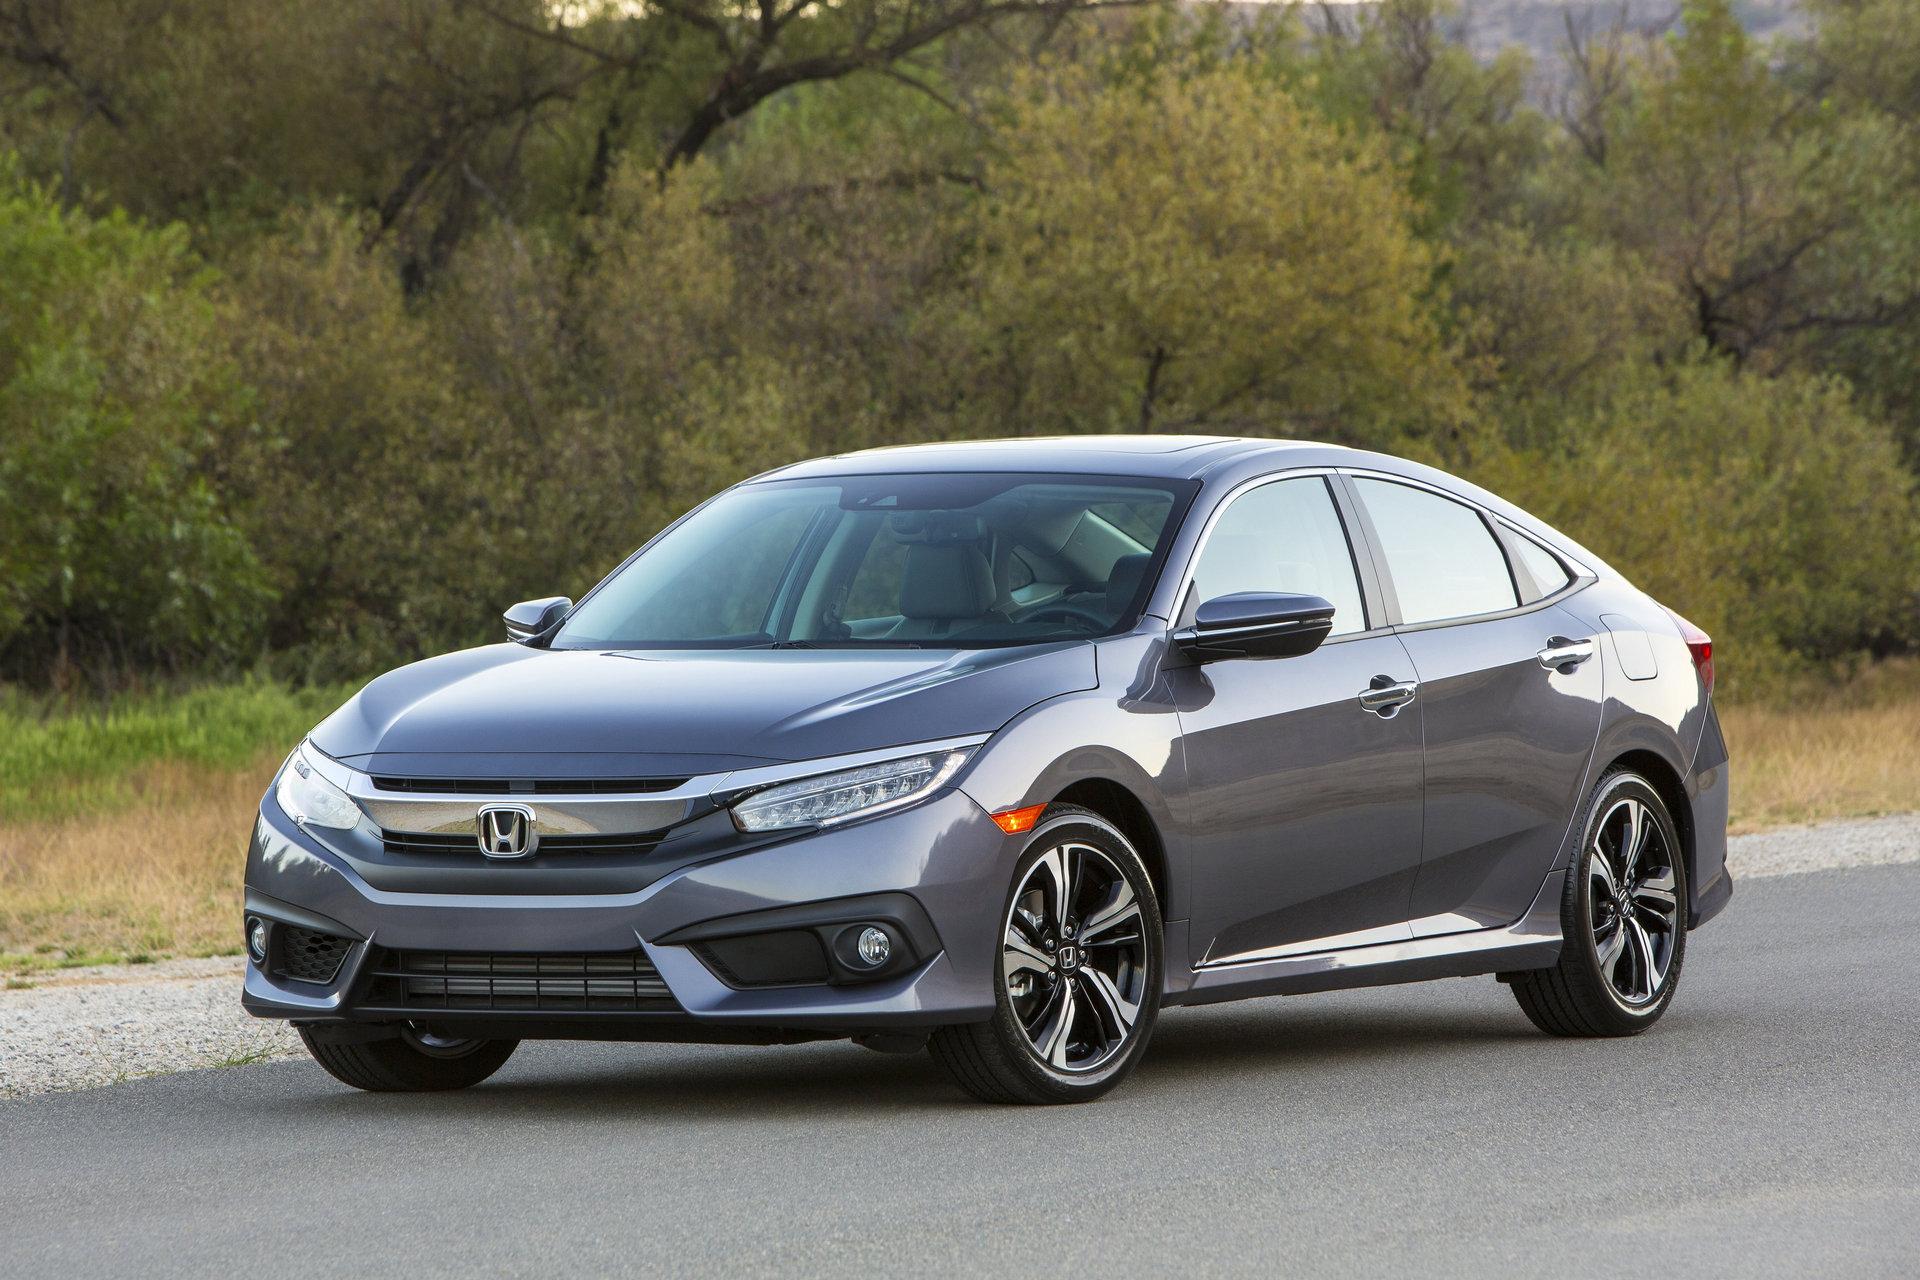 2016 Honda Civic Sedan © Honda Motor Co., Ltd.